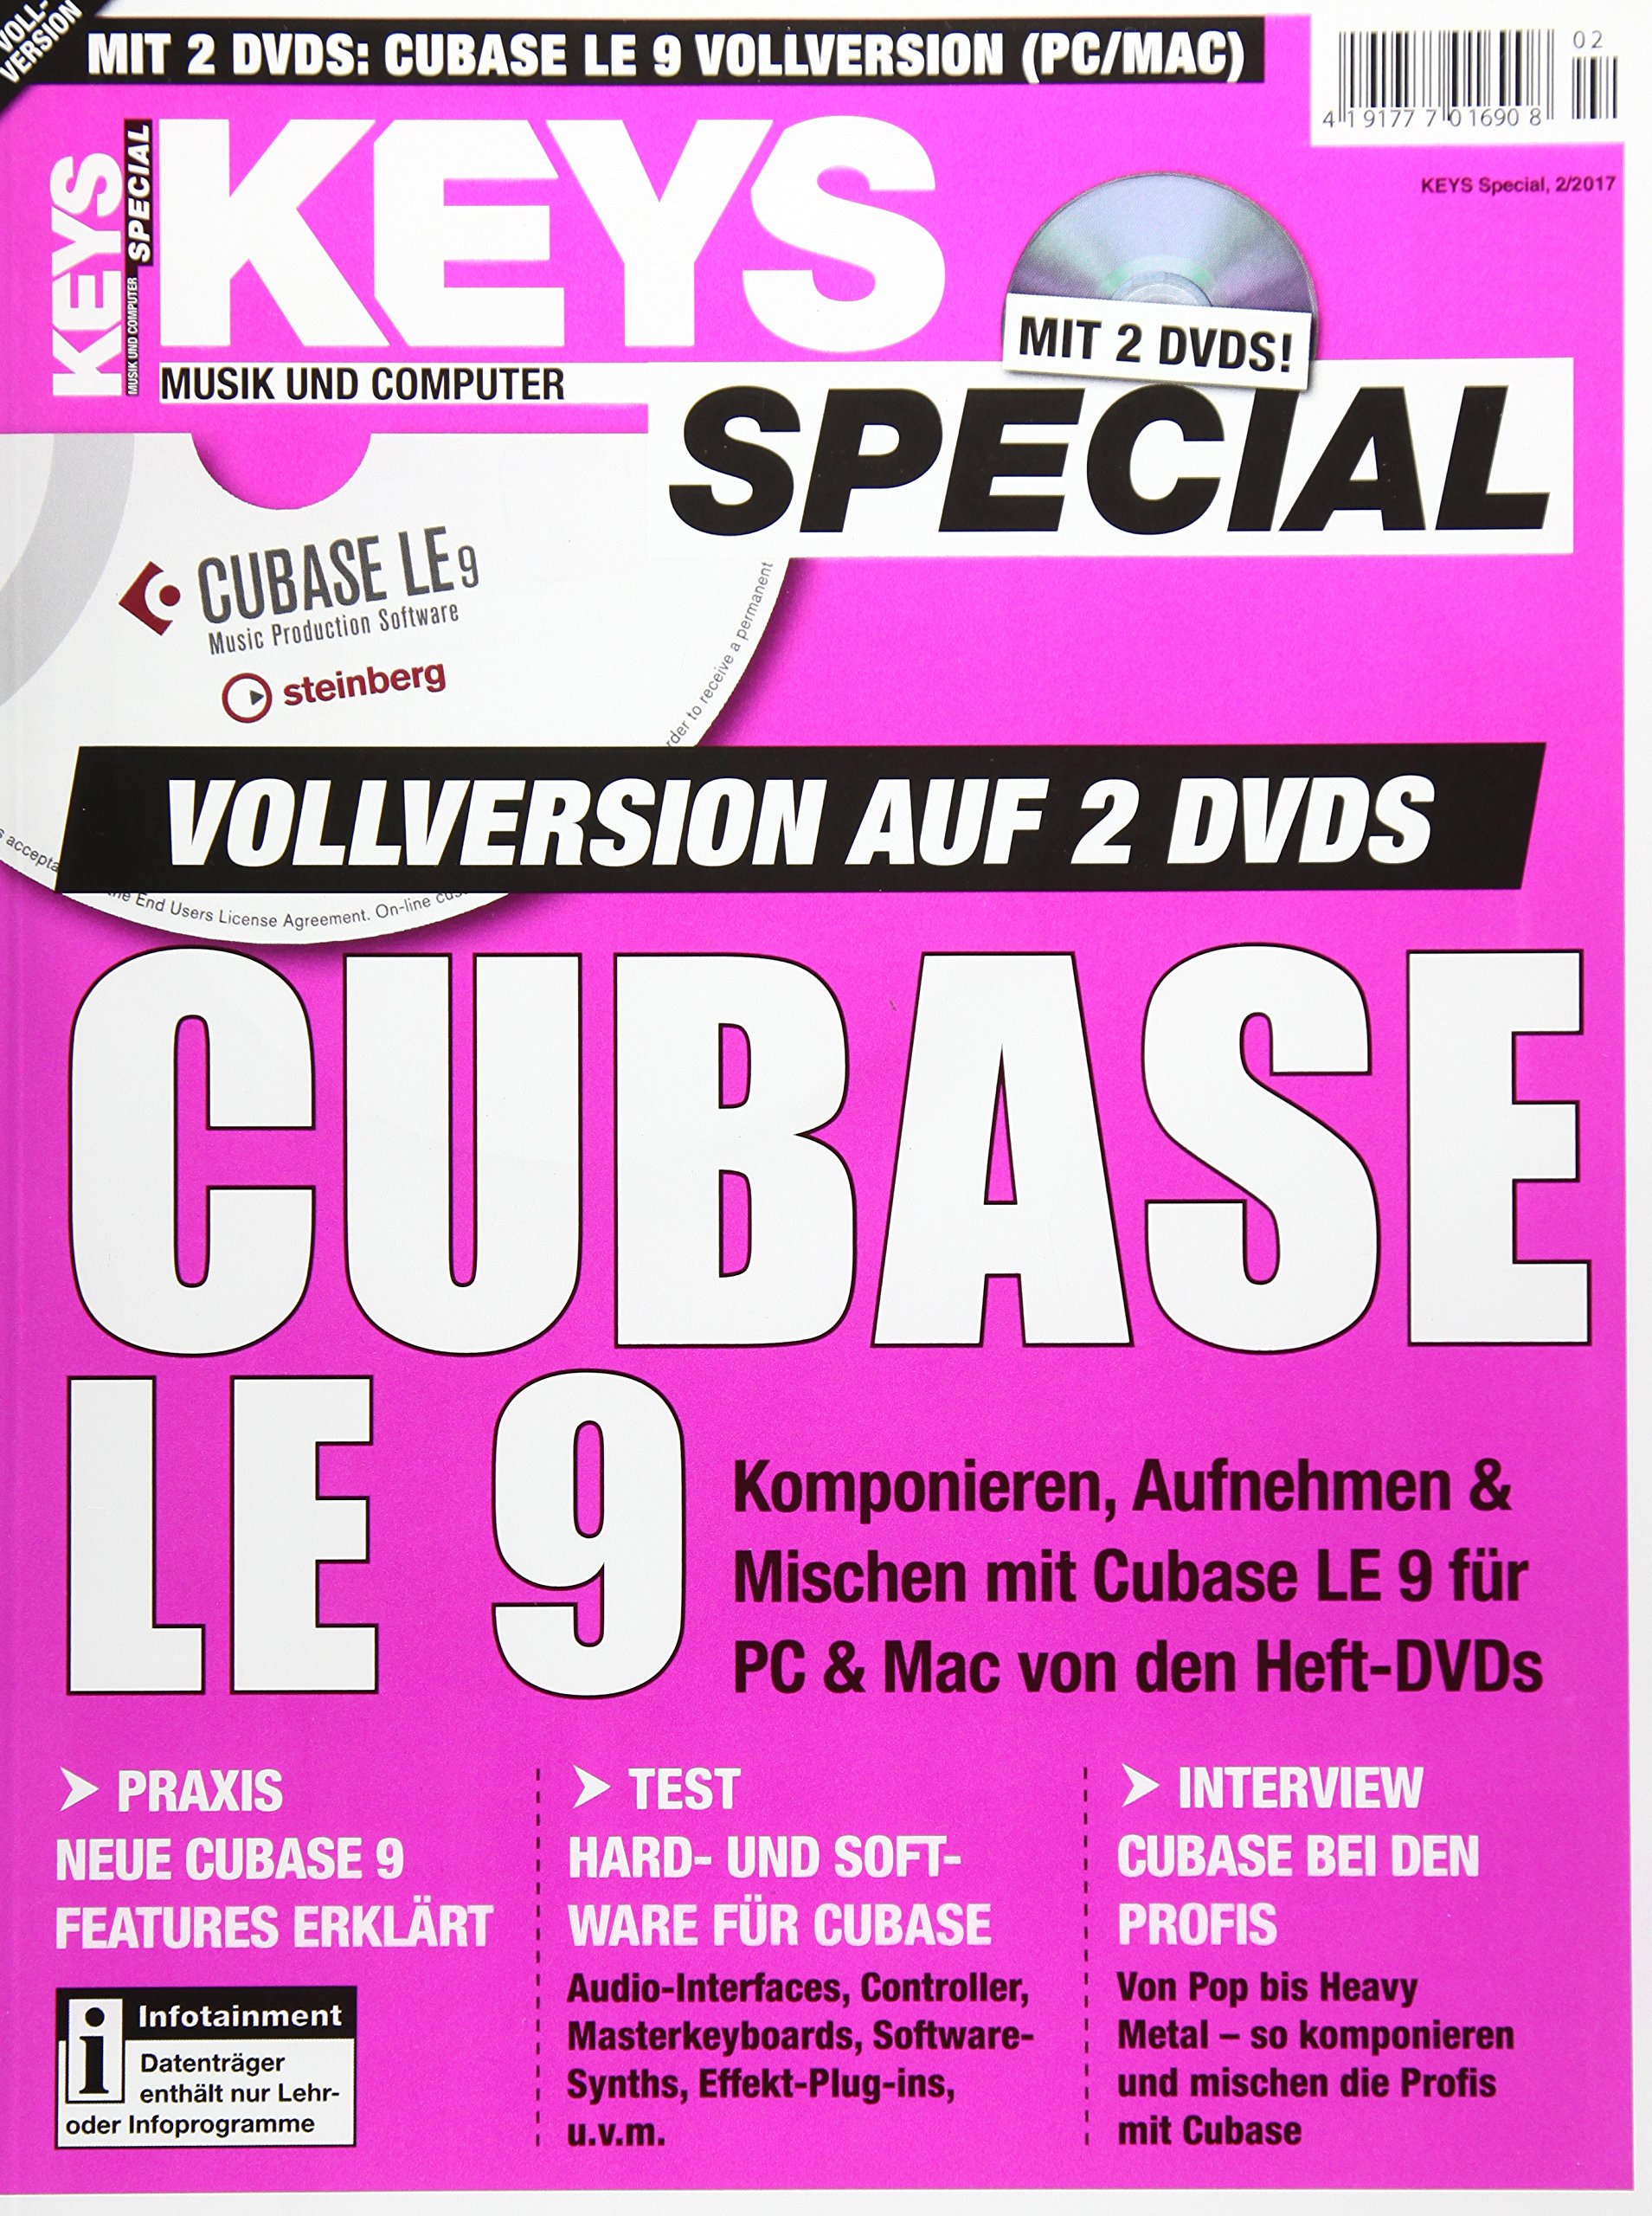 Cubase LE 9 Vollversion im Keys Special